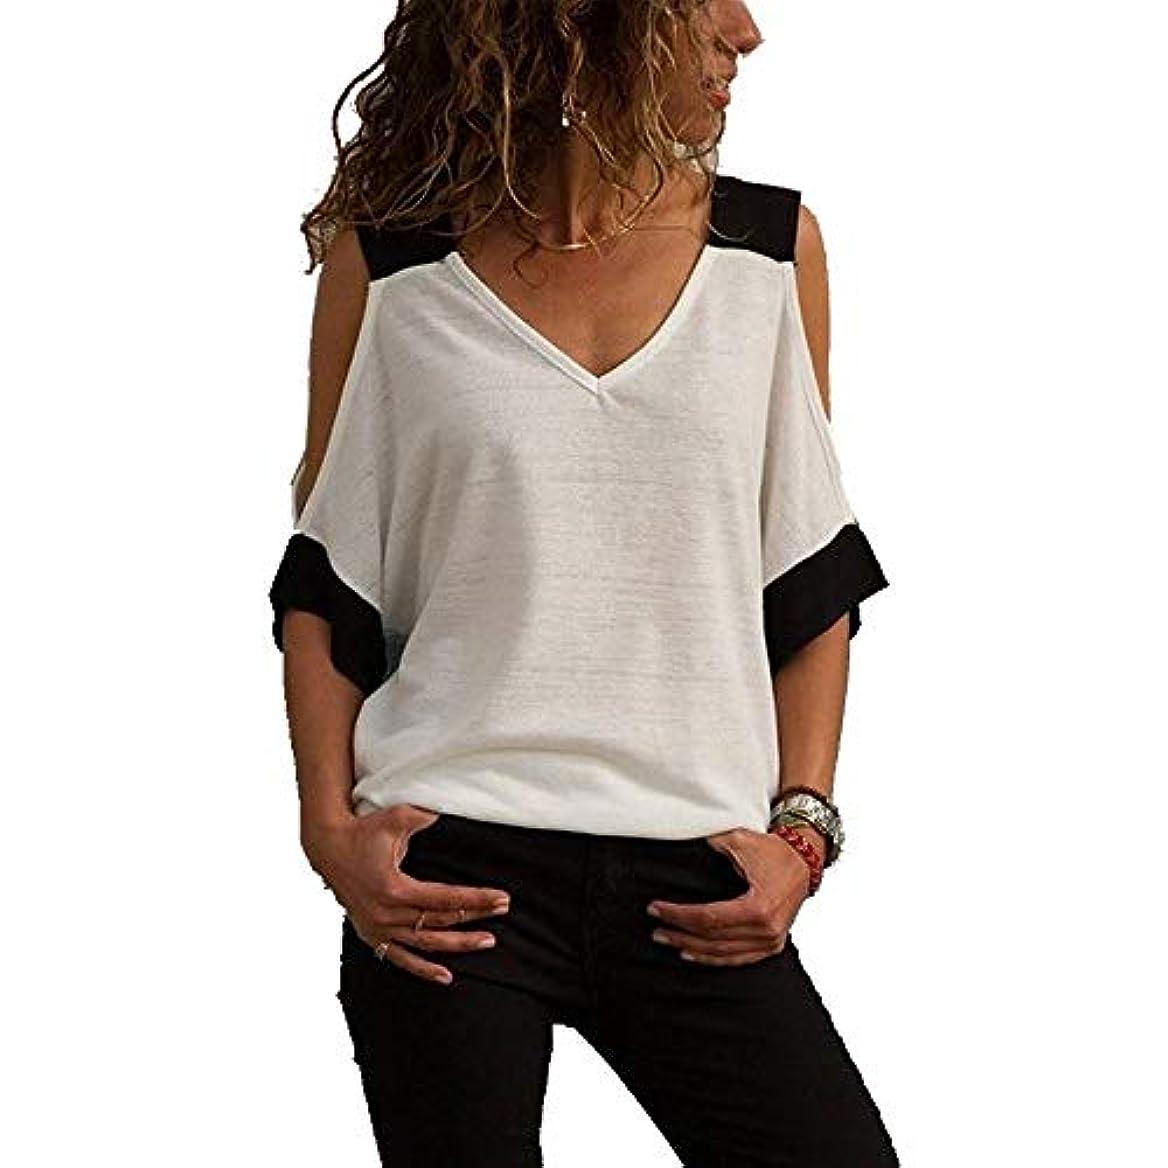 粘着性ペア古くなったMIFAN女性ファッションカジュアルトップス女性ショルダーブラウスコットンTシャツディープVネック半袖